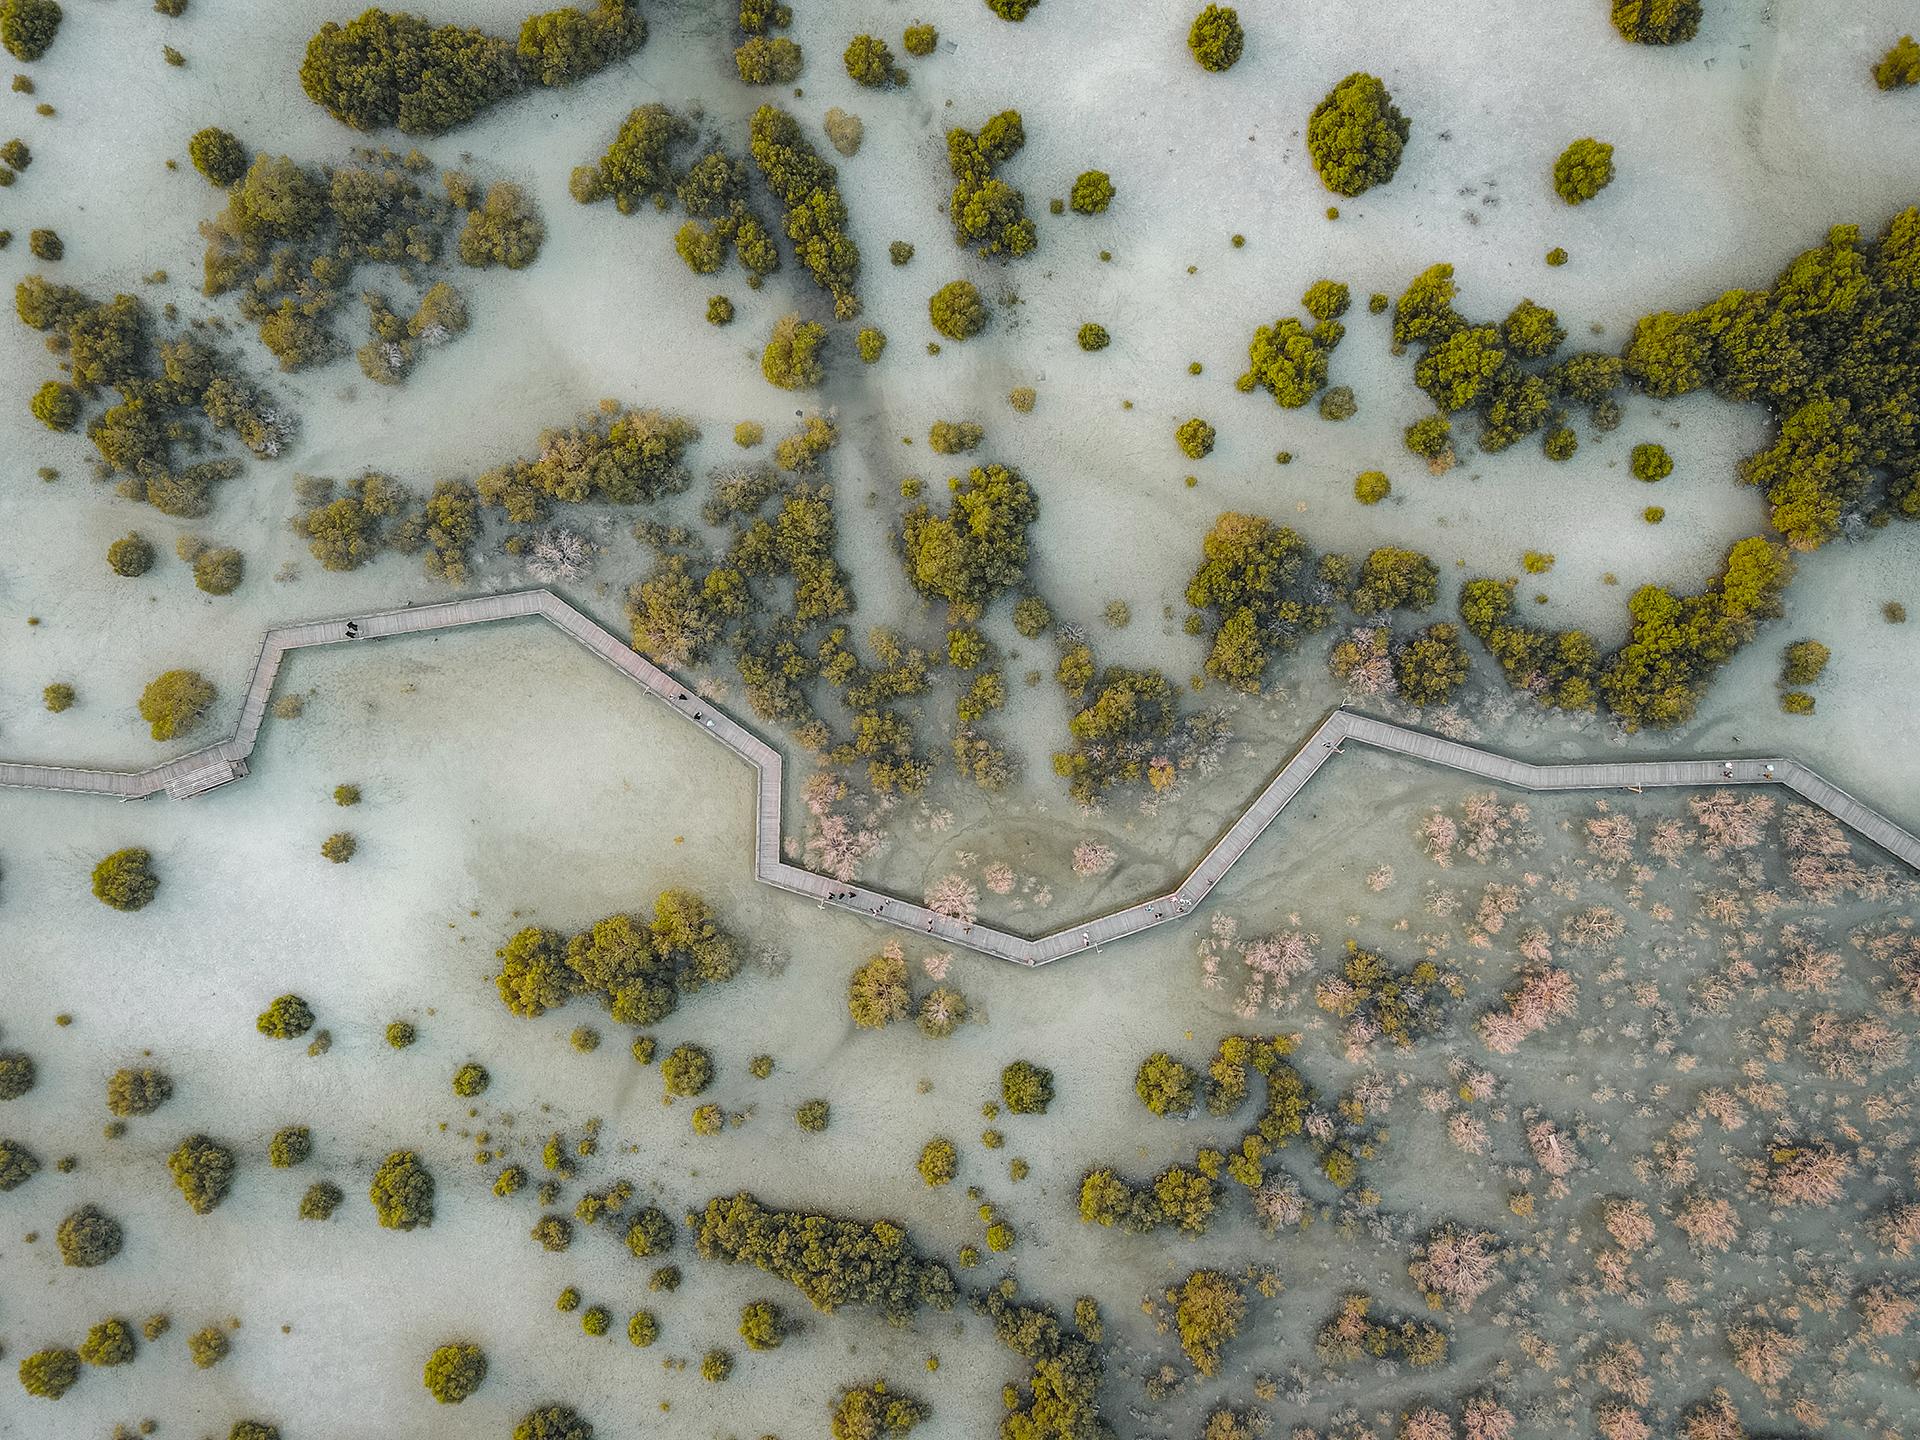 A Walk through the Mangroves - Akbar, UAE